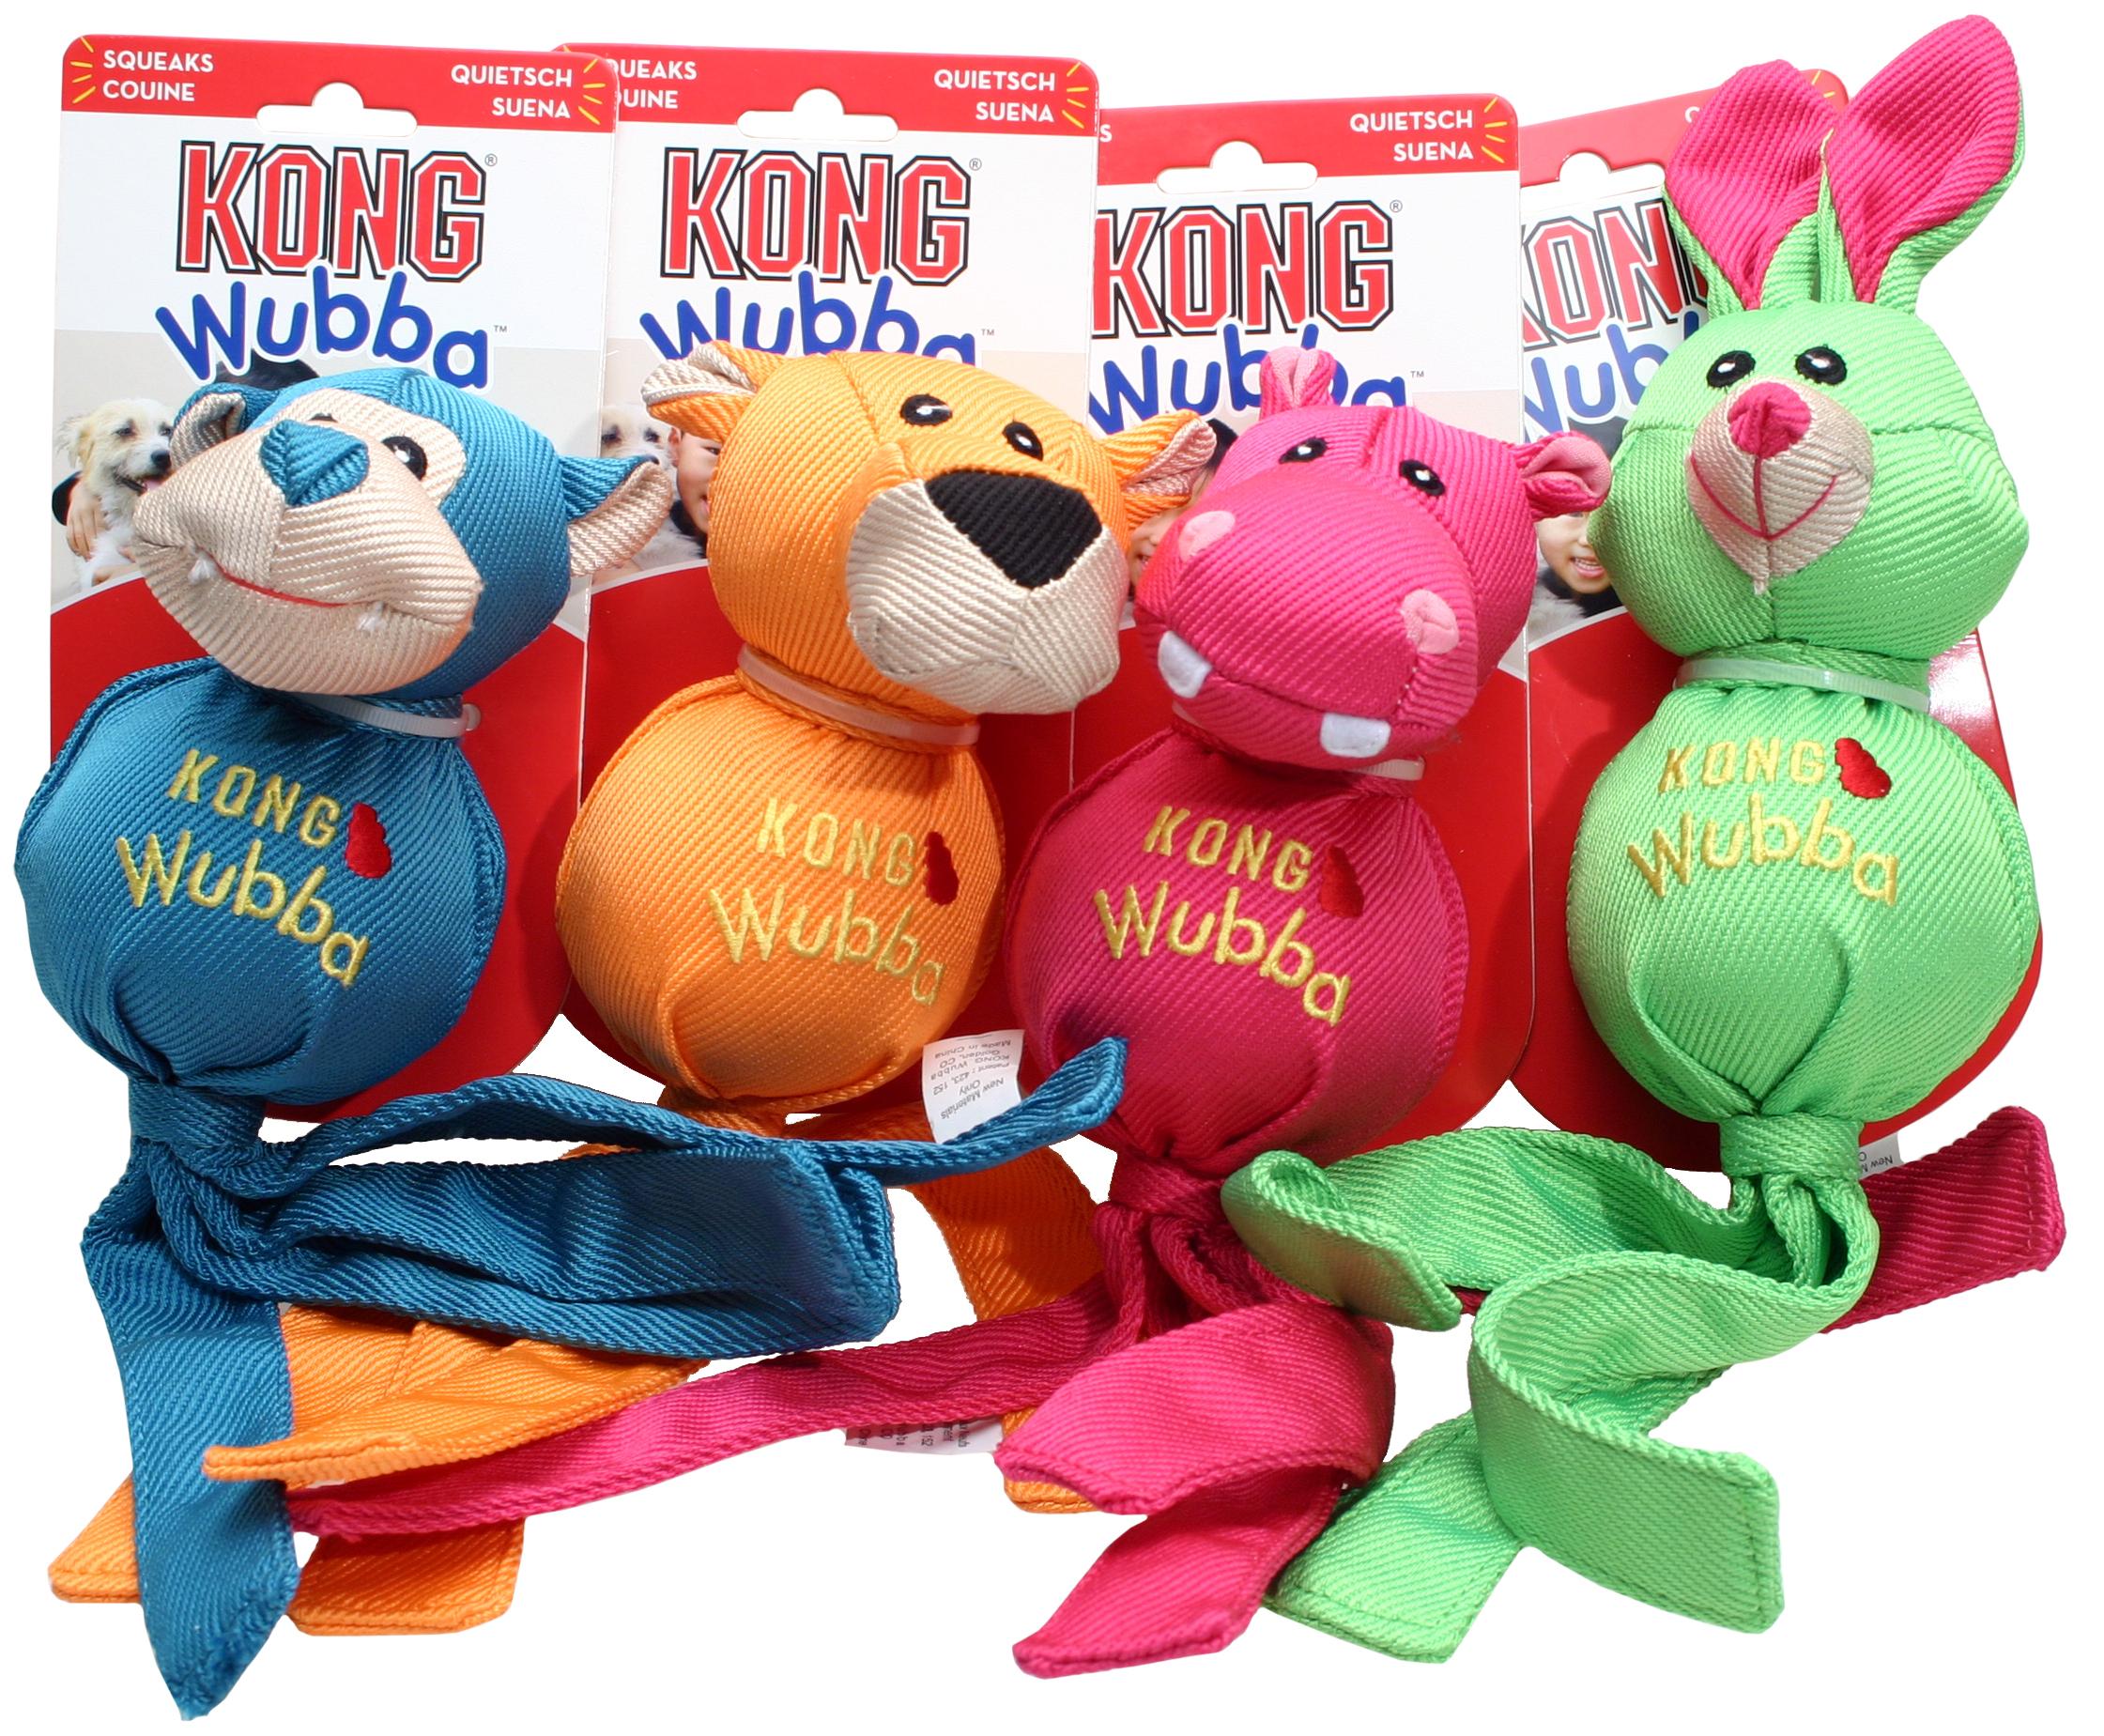 Hundeleke Kong Wubba